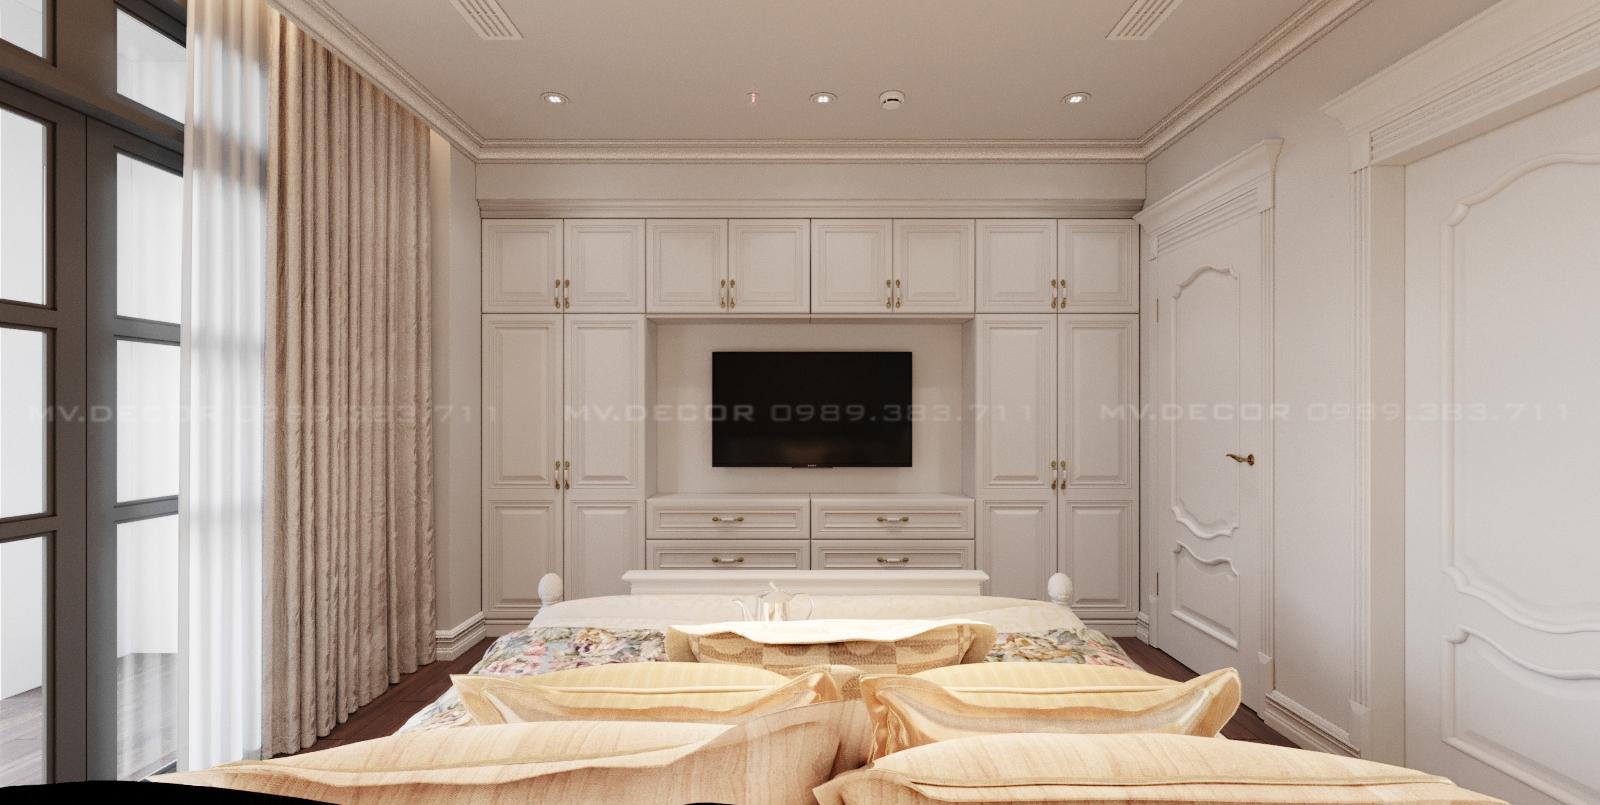 thiết kế nội thất Biệt Thự tại Hải Phòng BT VENICE 6-26 32 1564932022